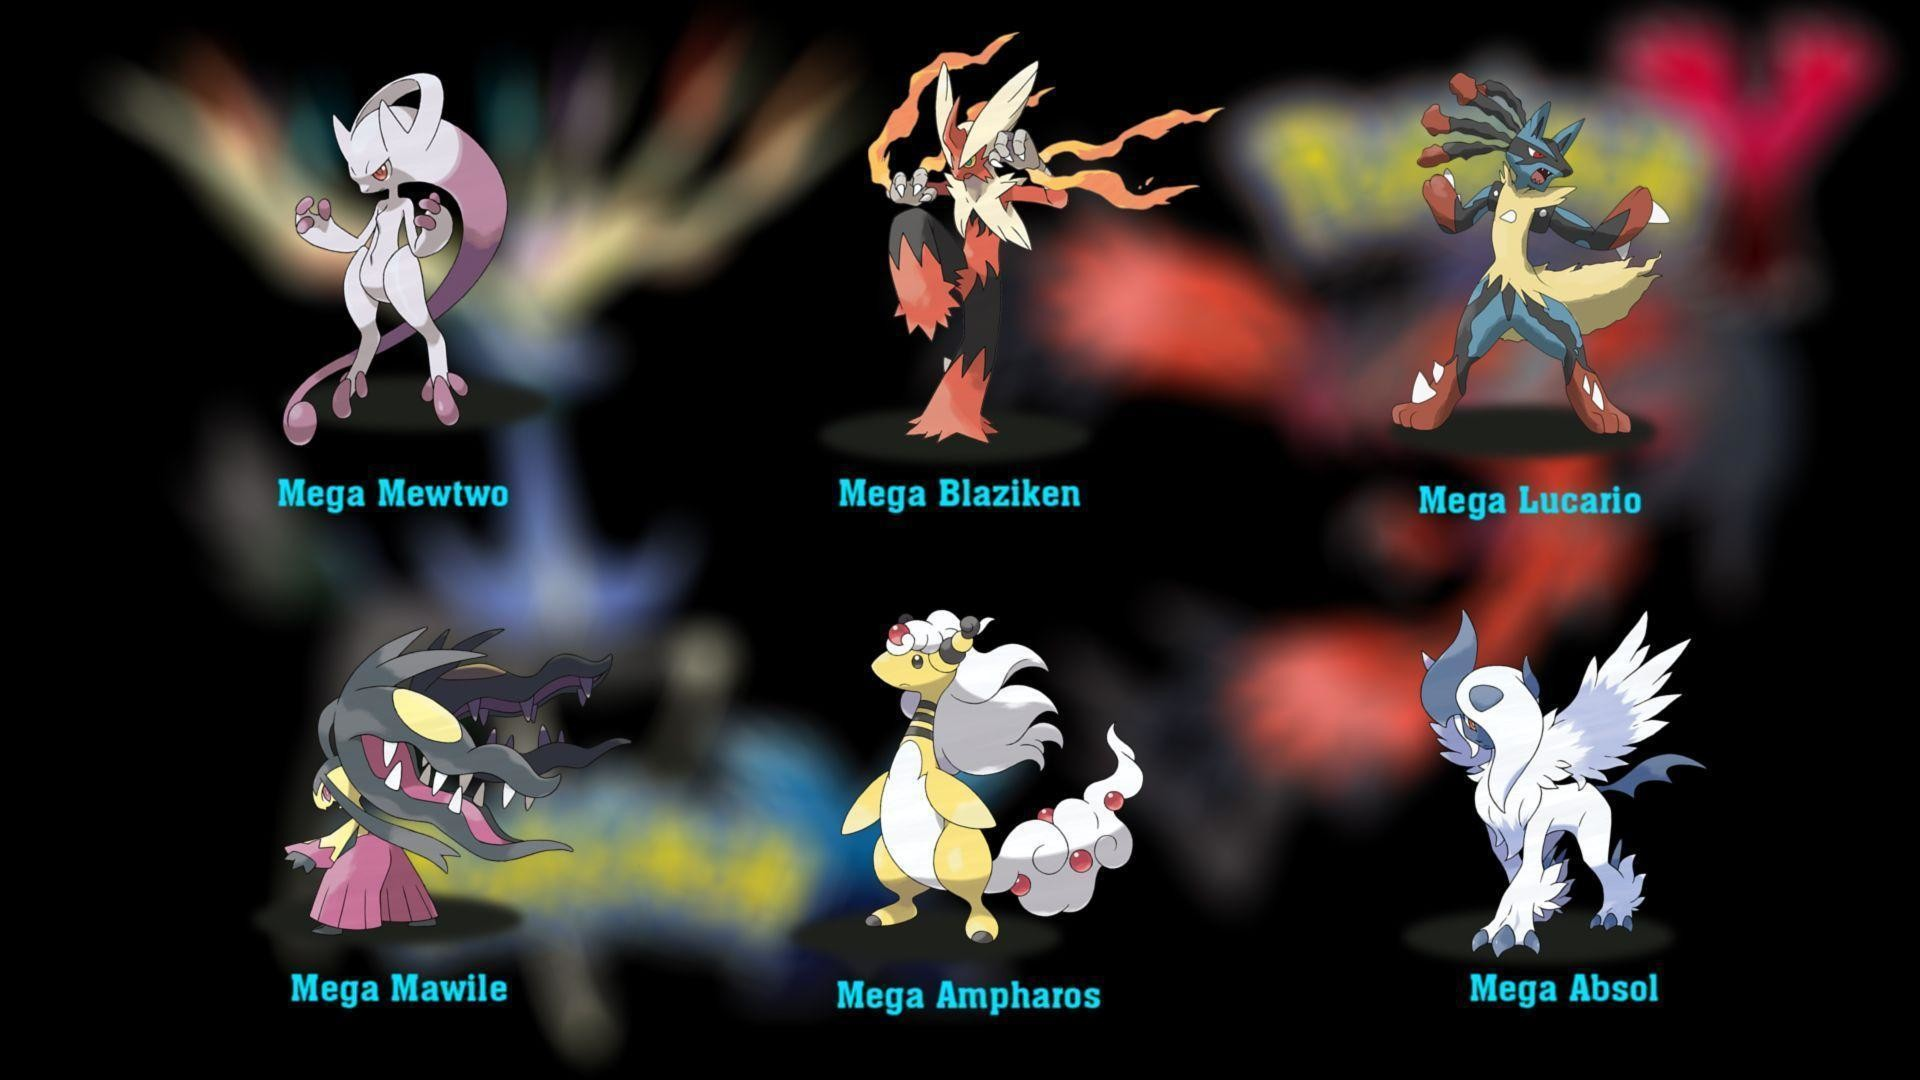 mega evolution wallpaper 76 images